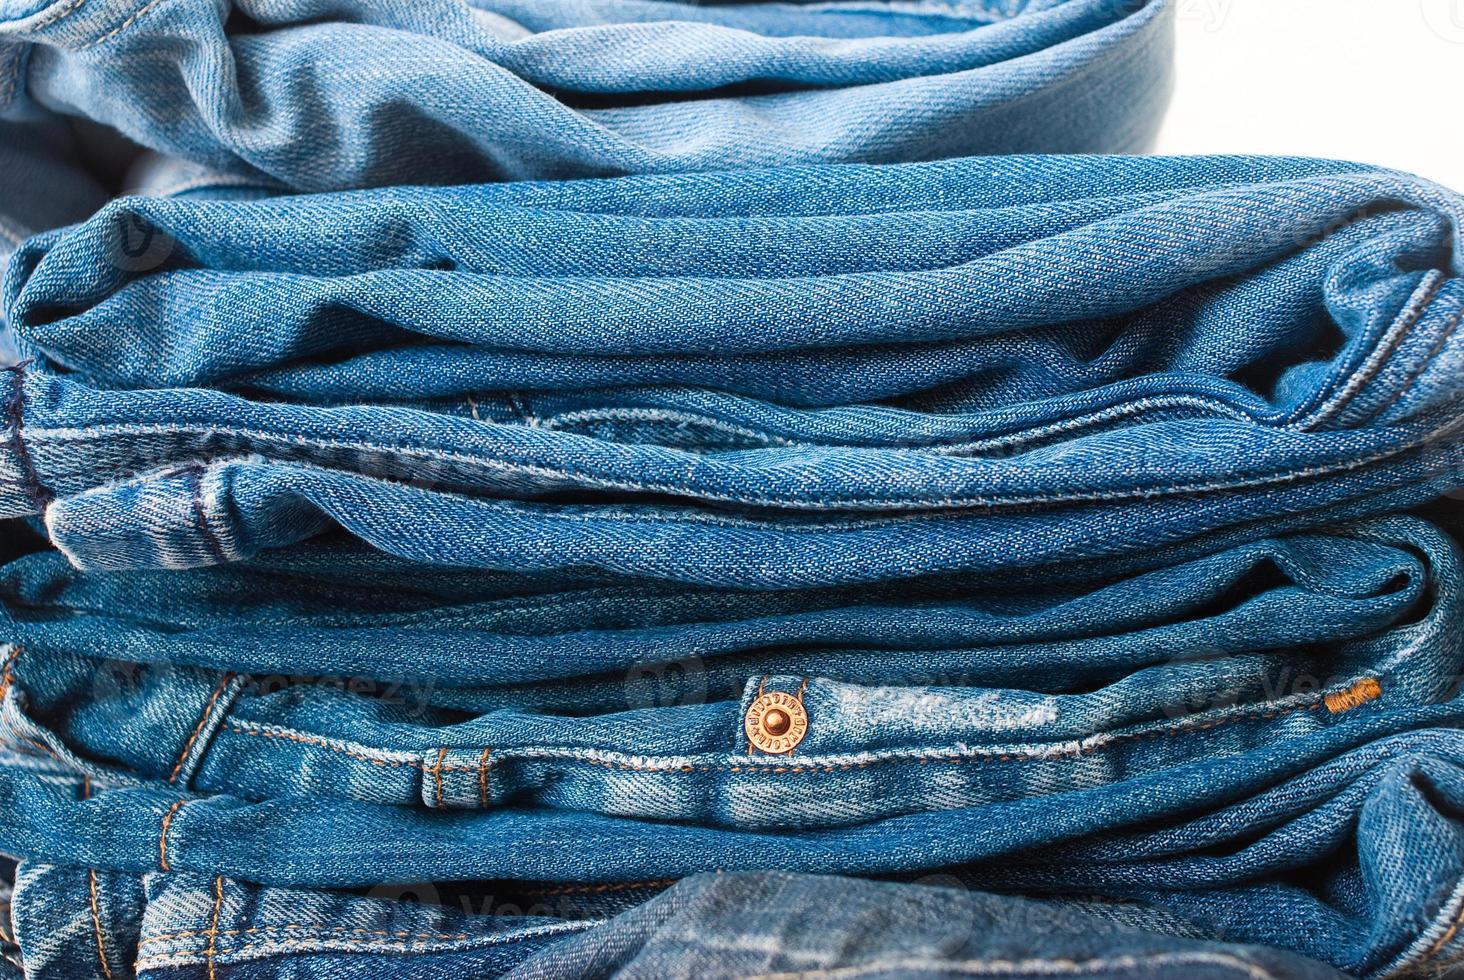 jeans staplade på en vit bakgrund - studioskott foto